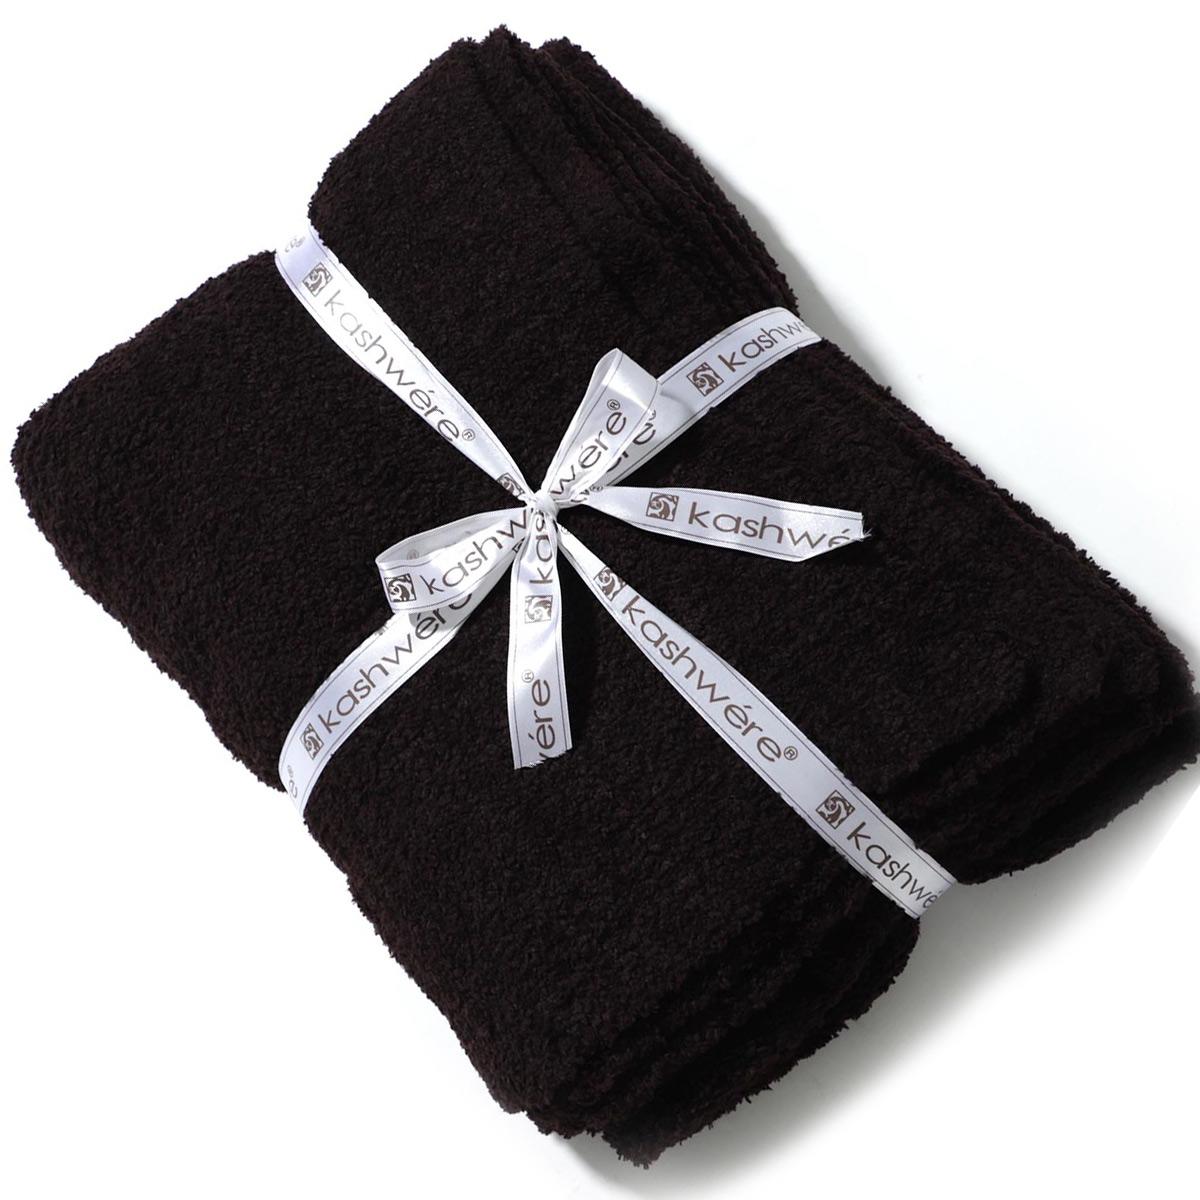 カシウエア Kashwere ブランケット ブラウン ギフト プレゼント 結婚祝い 新築祝い t 30 02 52 chocolate【あす楽対応_関東】【返品送料無料】【ラッピング無料】